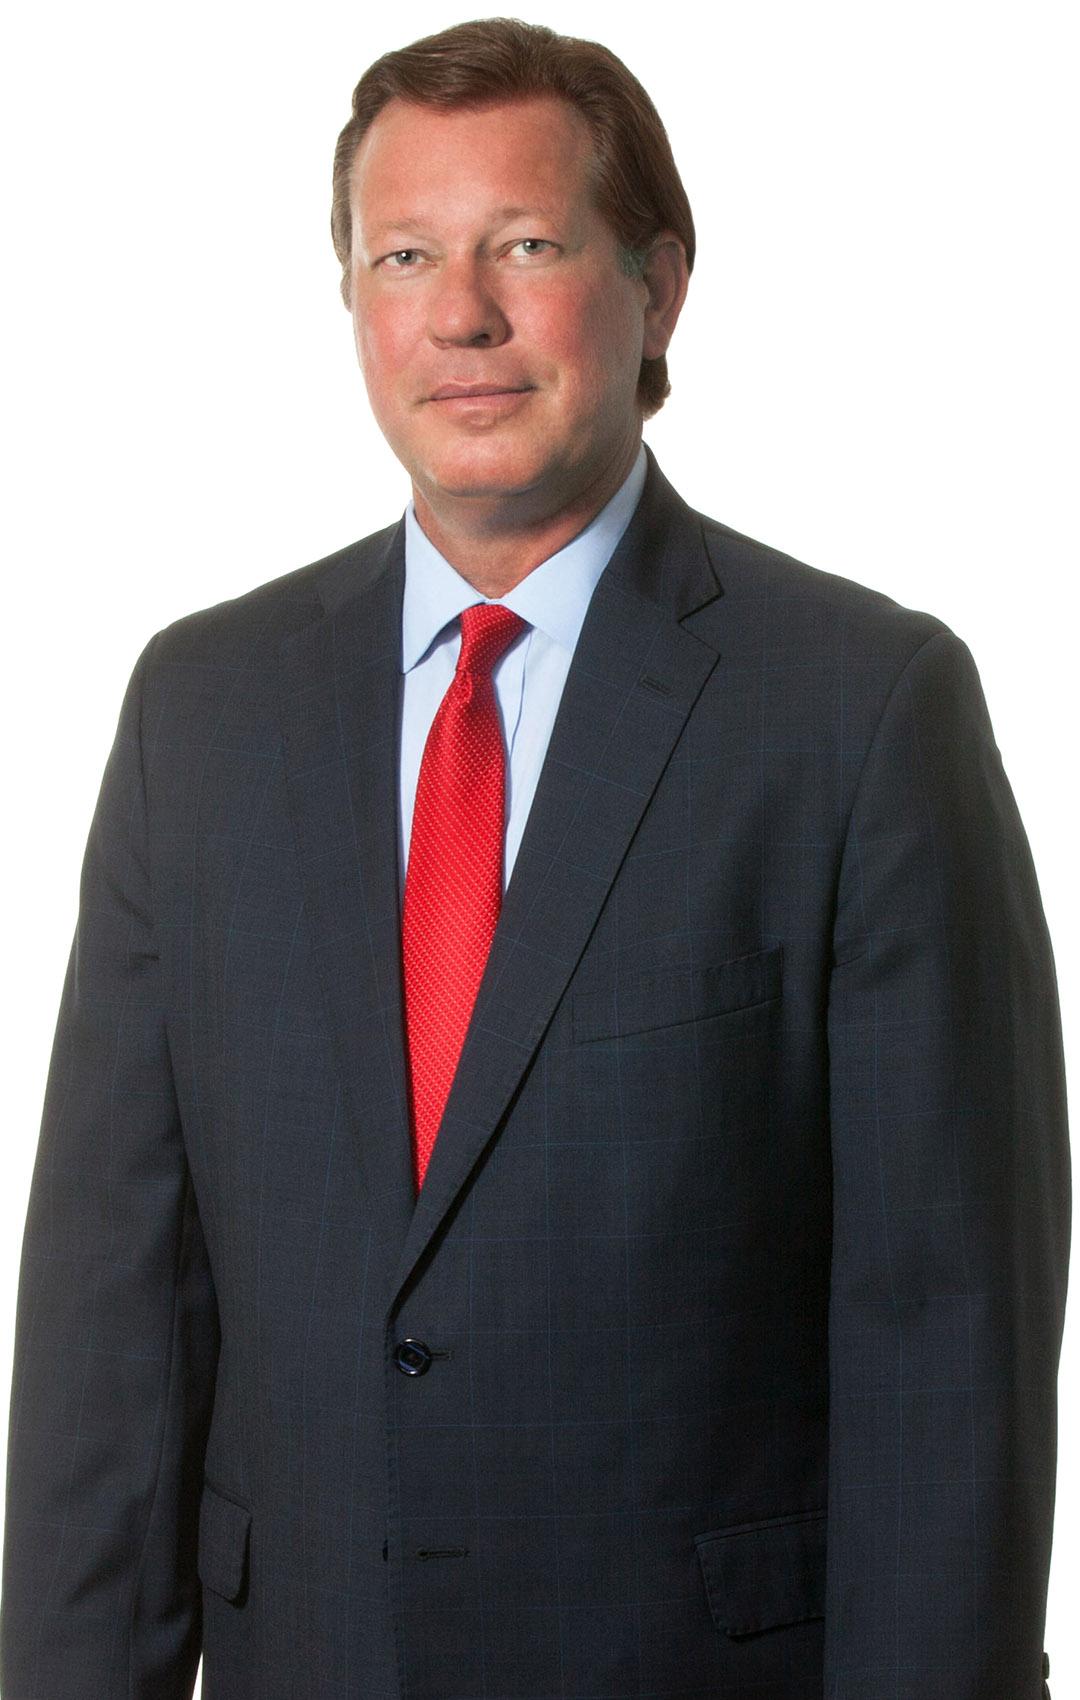 Phillip J. Strach